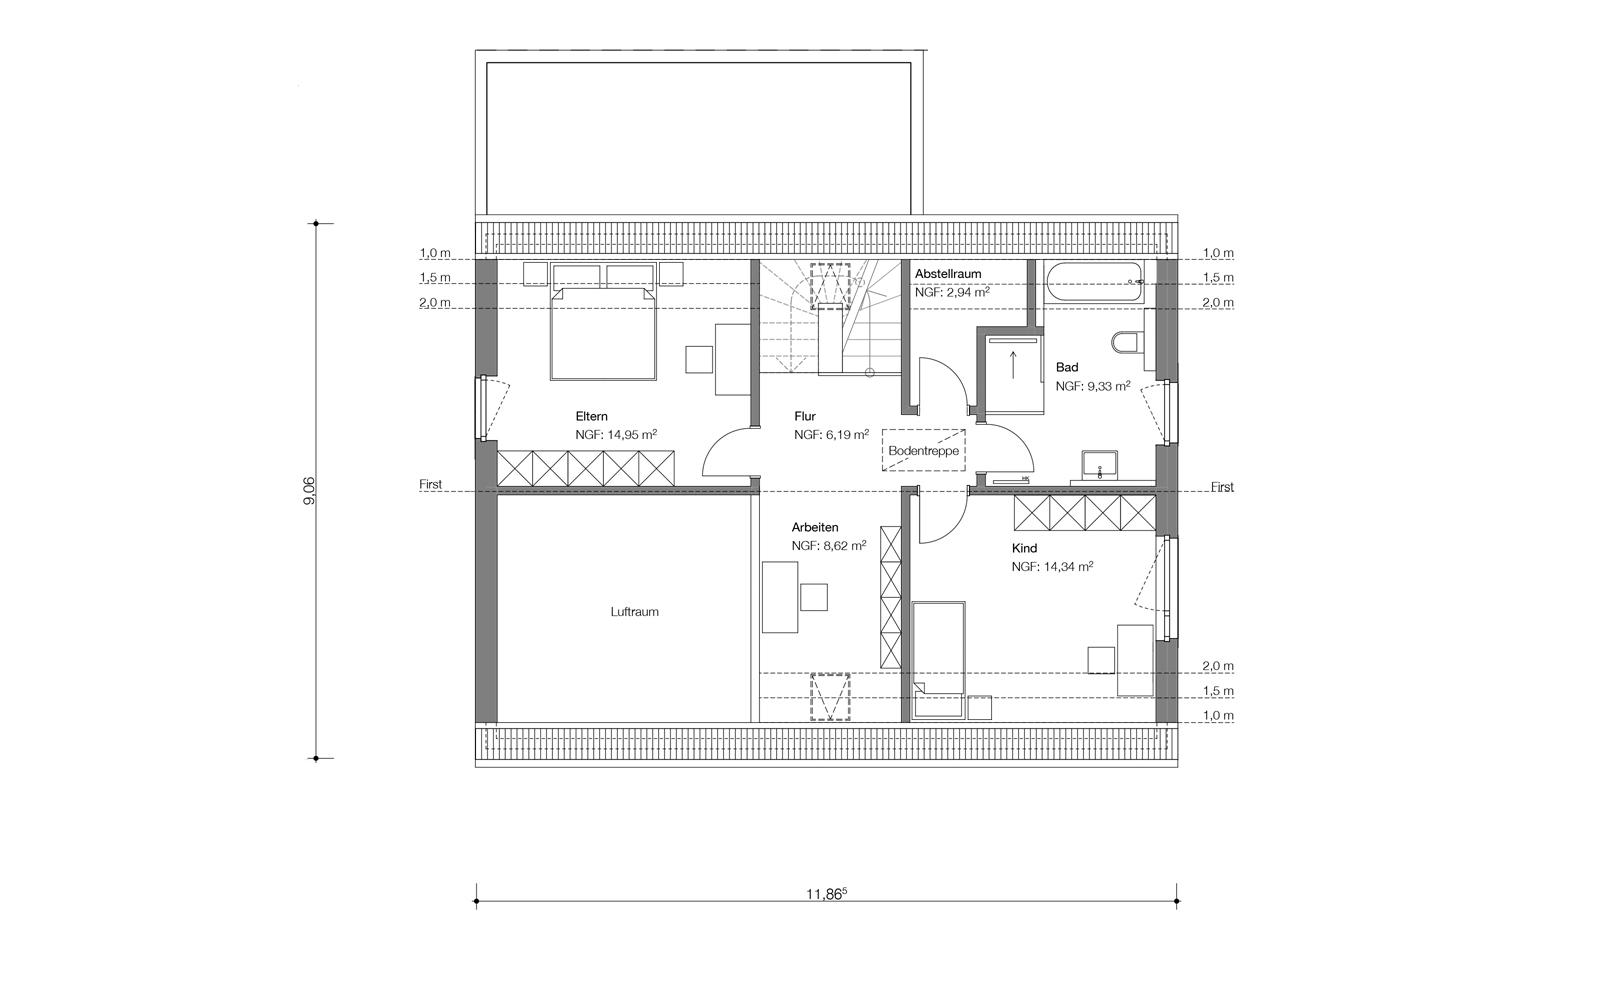 SUD_SteinwegClausArchitekten_Einfamilienhaus_Neubau_Nachverdichtung_Beckum_00007